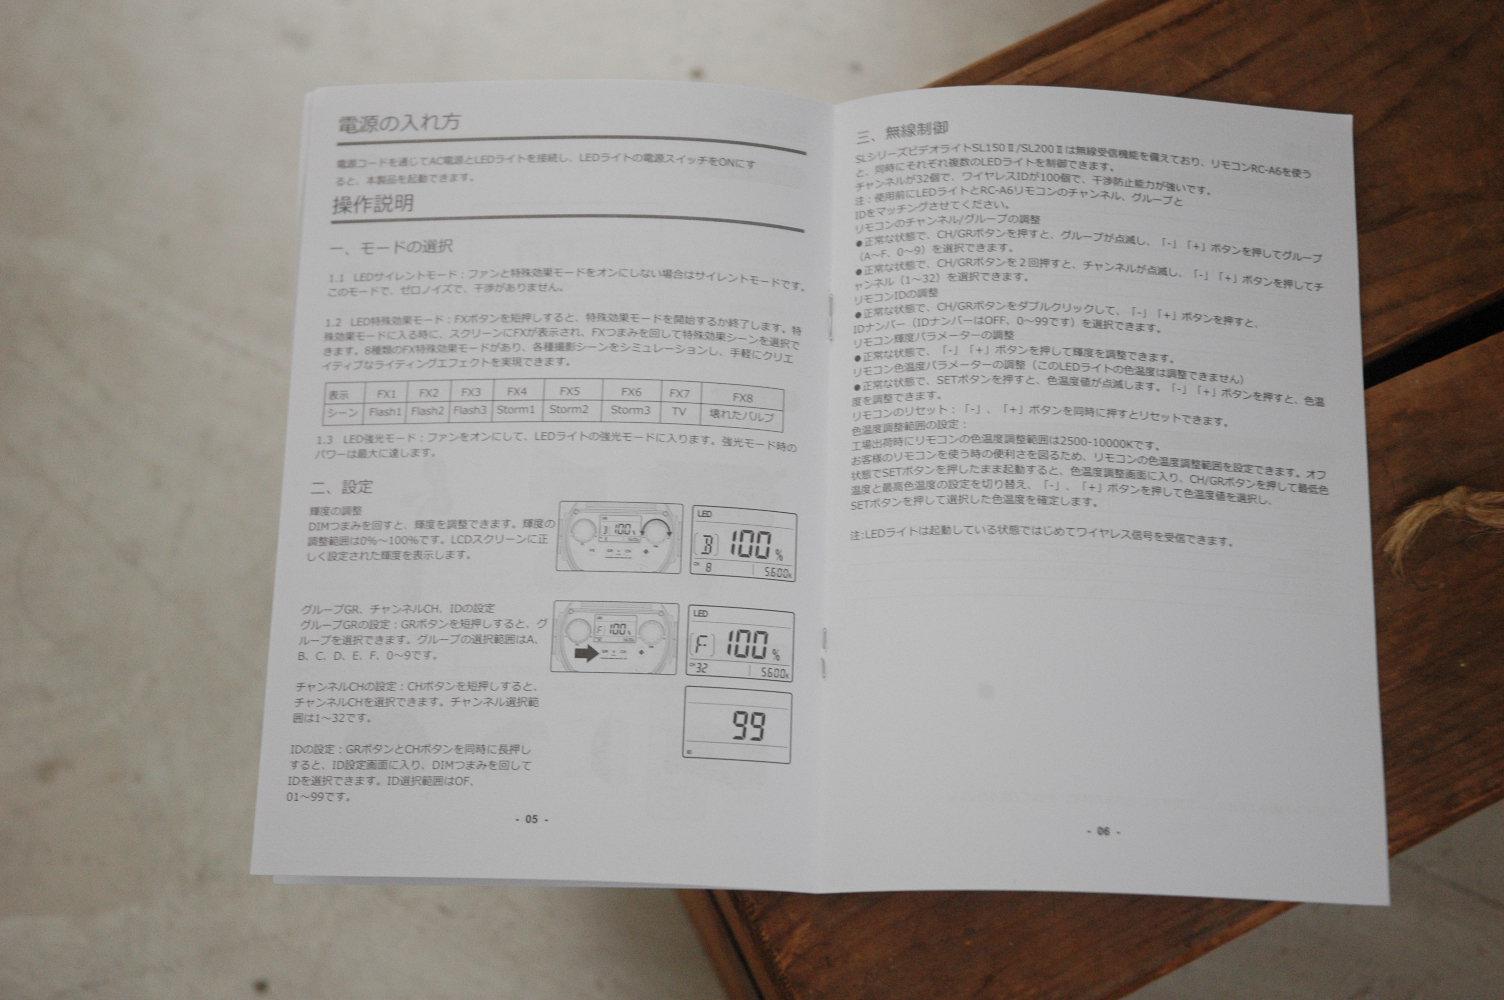 92DED70D-54F3-4970-9359-3D870405DF1A